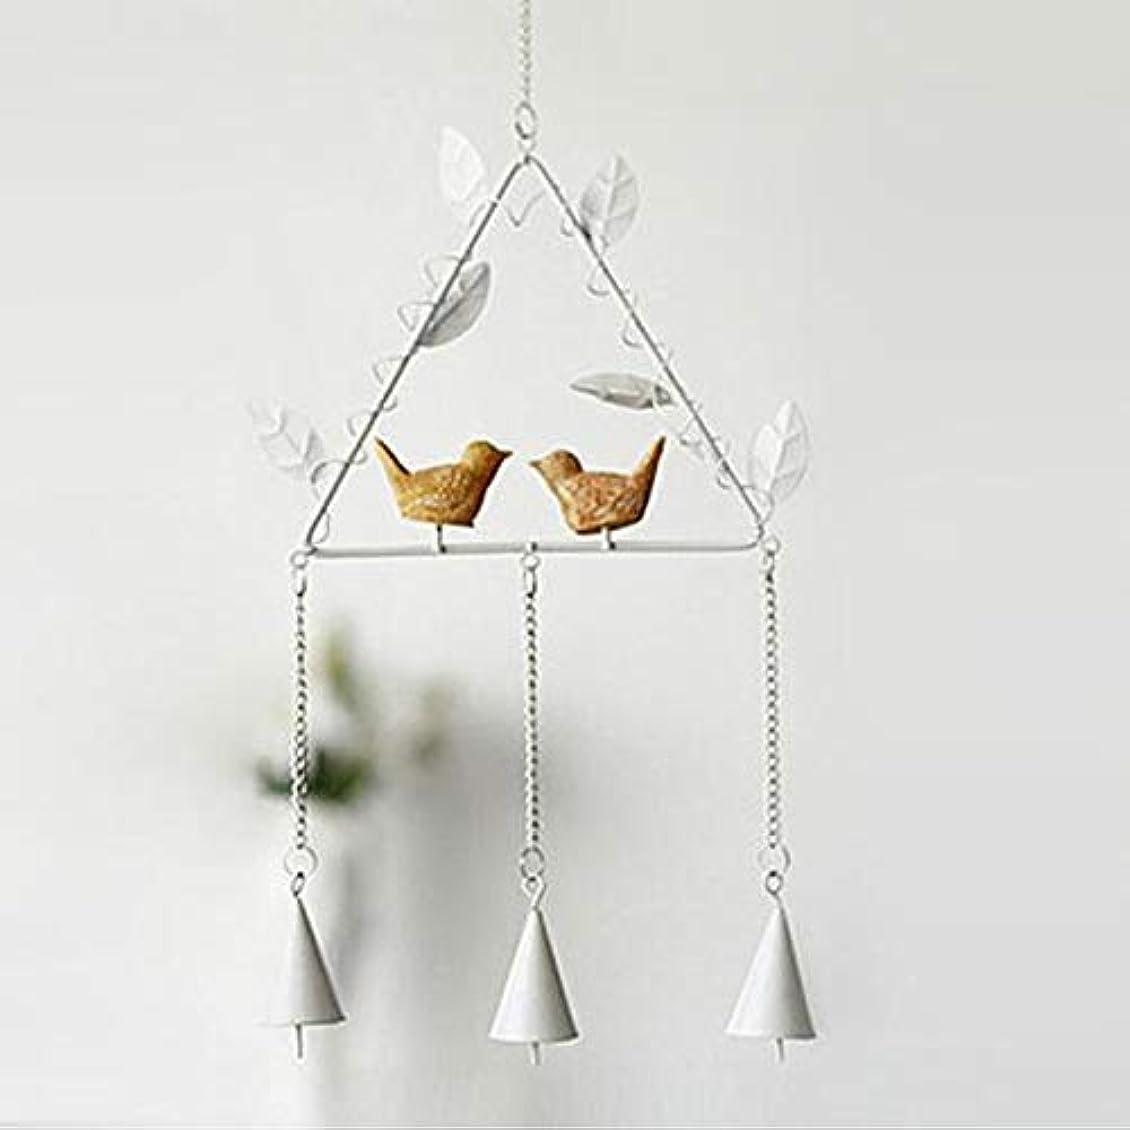 付添人ジムチートQiyuezhuangshi 風チャイム、アイアンクリエイティブ手作りの鳥風チャイム、グレー、全身について56センチ,美しいホリデーギフト (Color : Triangle White)